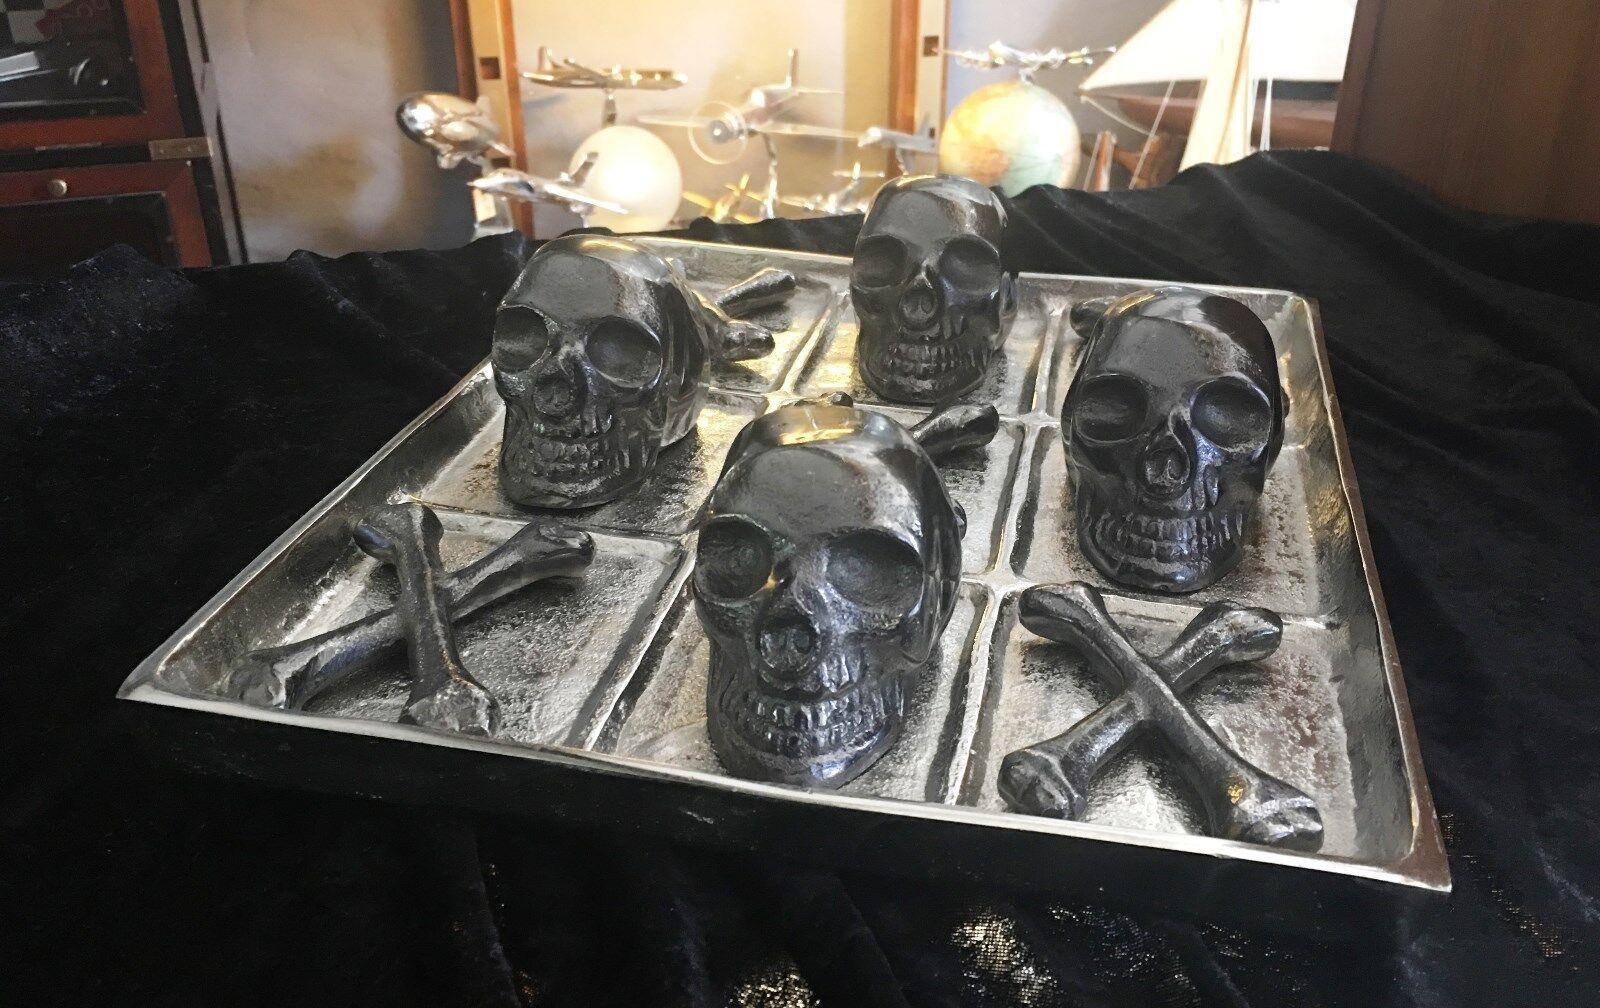 artículos de promoción Gothic Tic Tac Toe, Skull and Bones, aluminio, 35 x x x 29 CM, top reclamo  venta con alto descuento